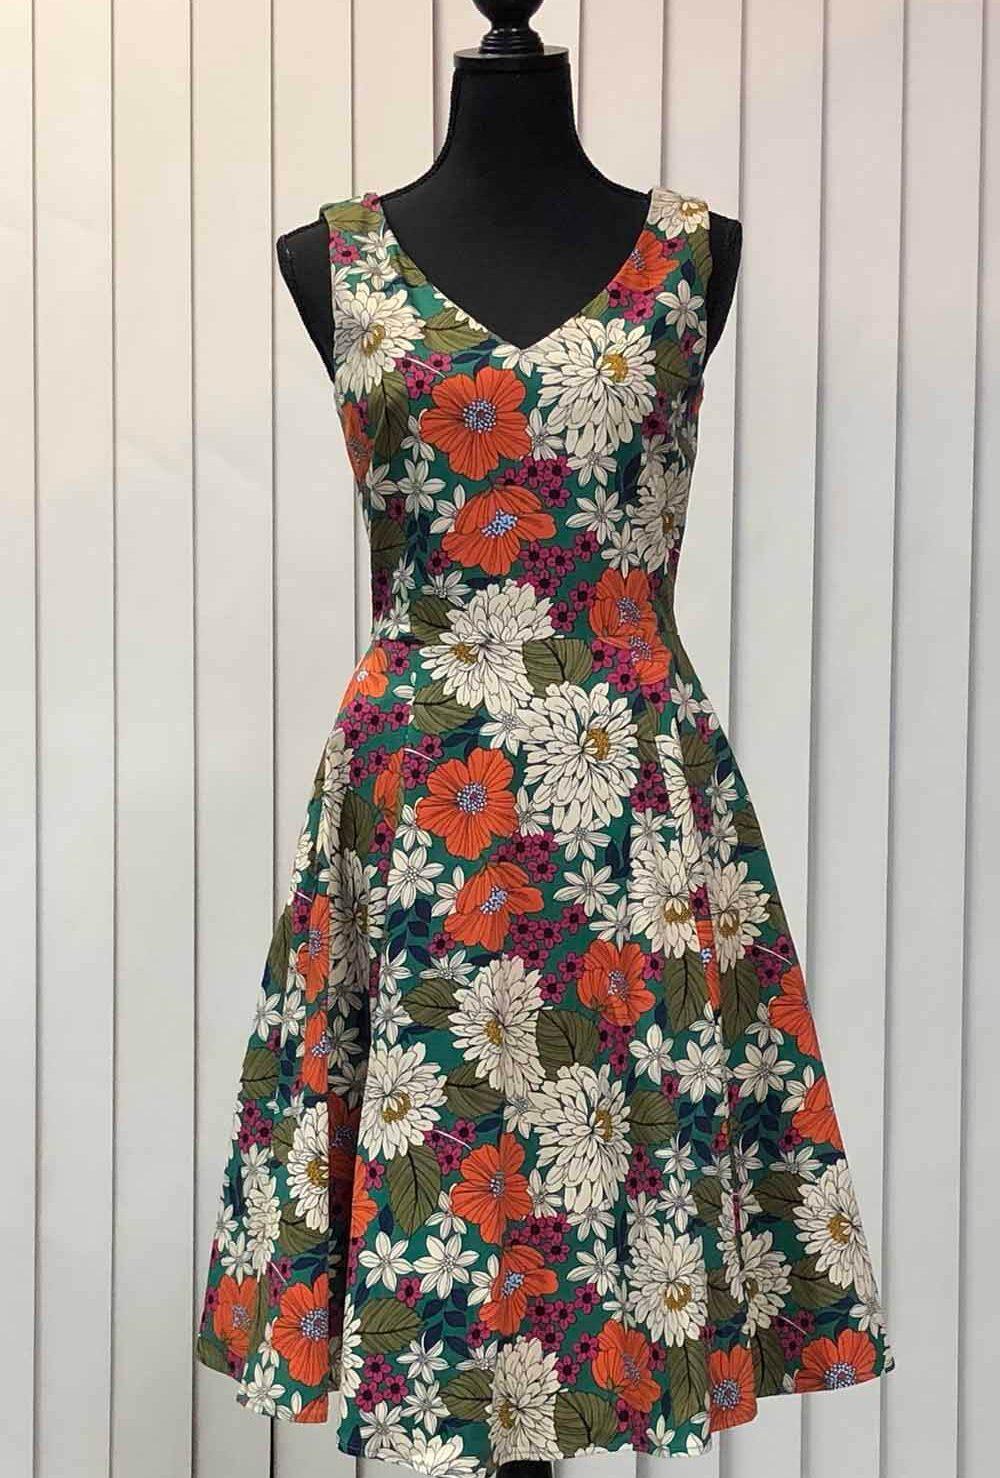 大きい花柄のドレス